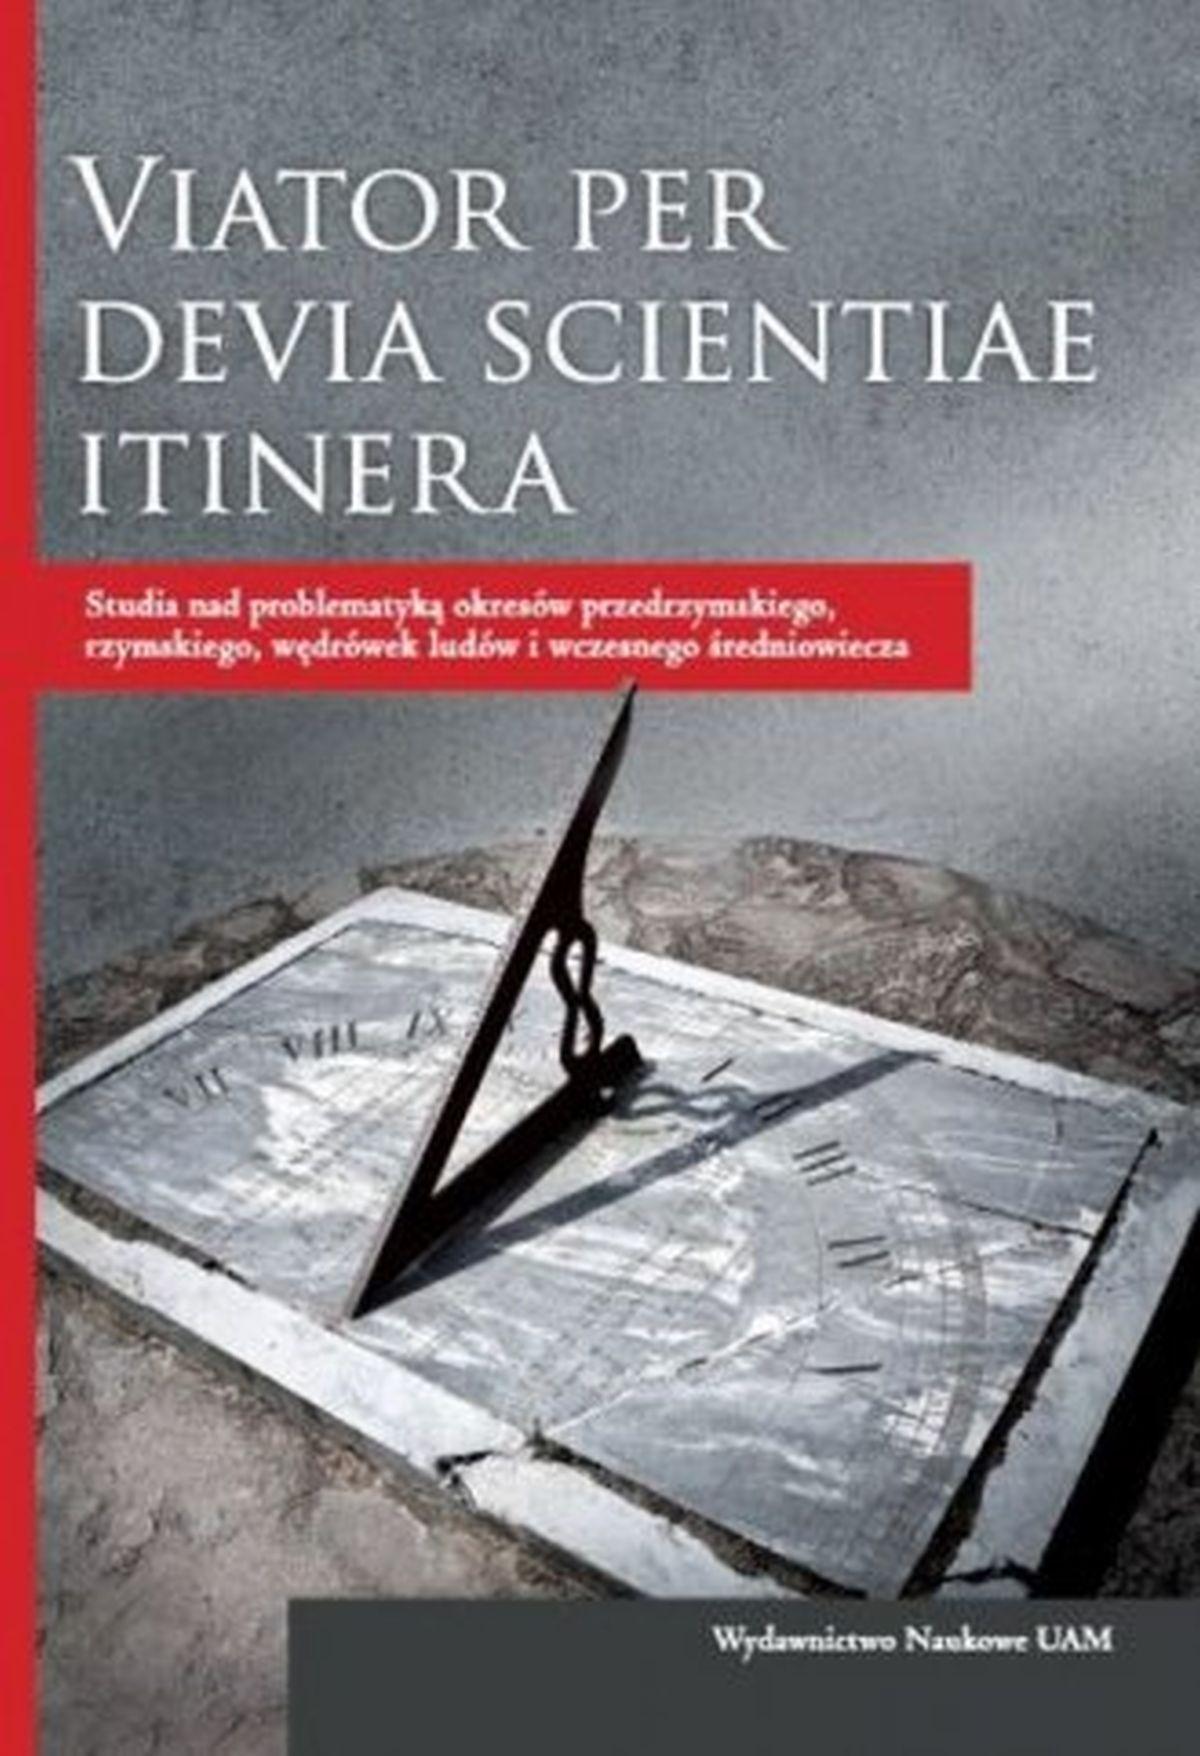 Viator per devia scientiae itinera. Studia nad problematyką okresów przedrzymskiego, rzymskiego, wędrówki ludów i wczesnego średniowiecza